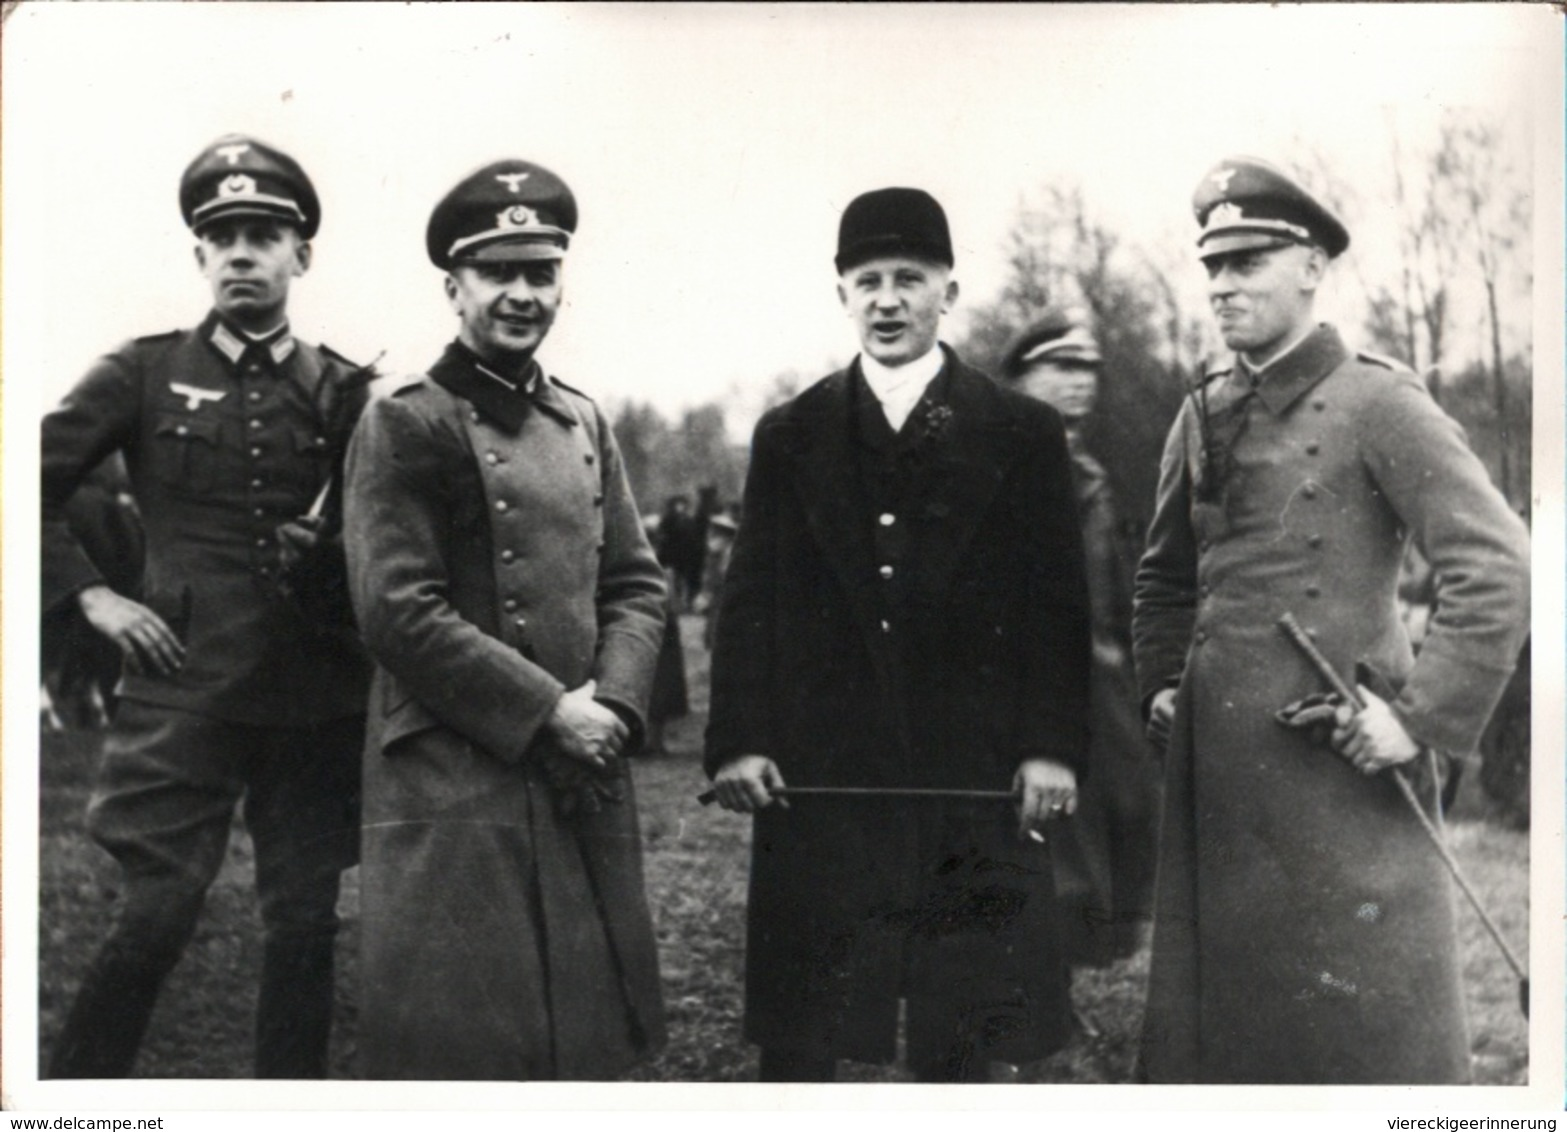 ! Foto, Heilsberg, Ostpreußen, 1935, Hubertusjagd, Pferde, Horses, Militaria, Photo - Ostpreussen